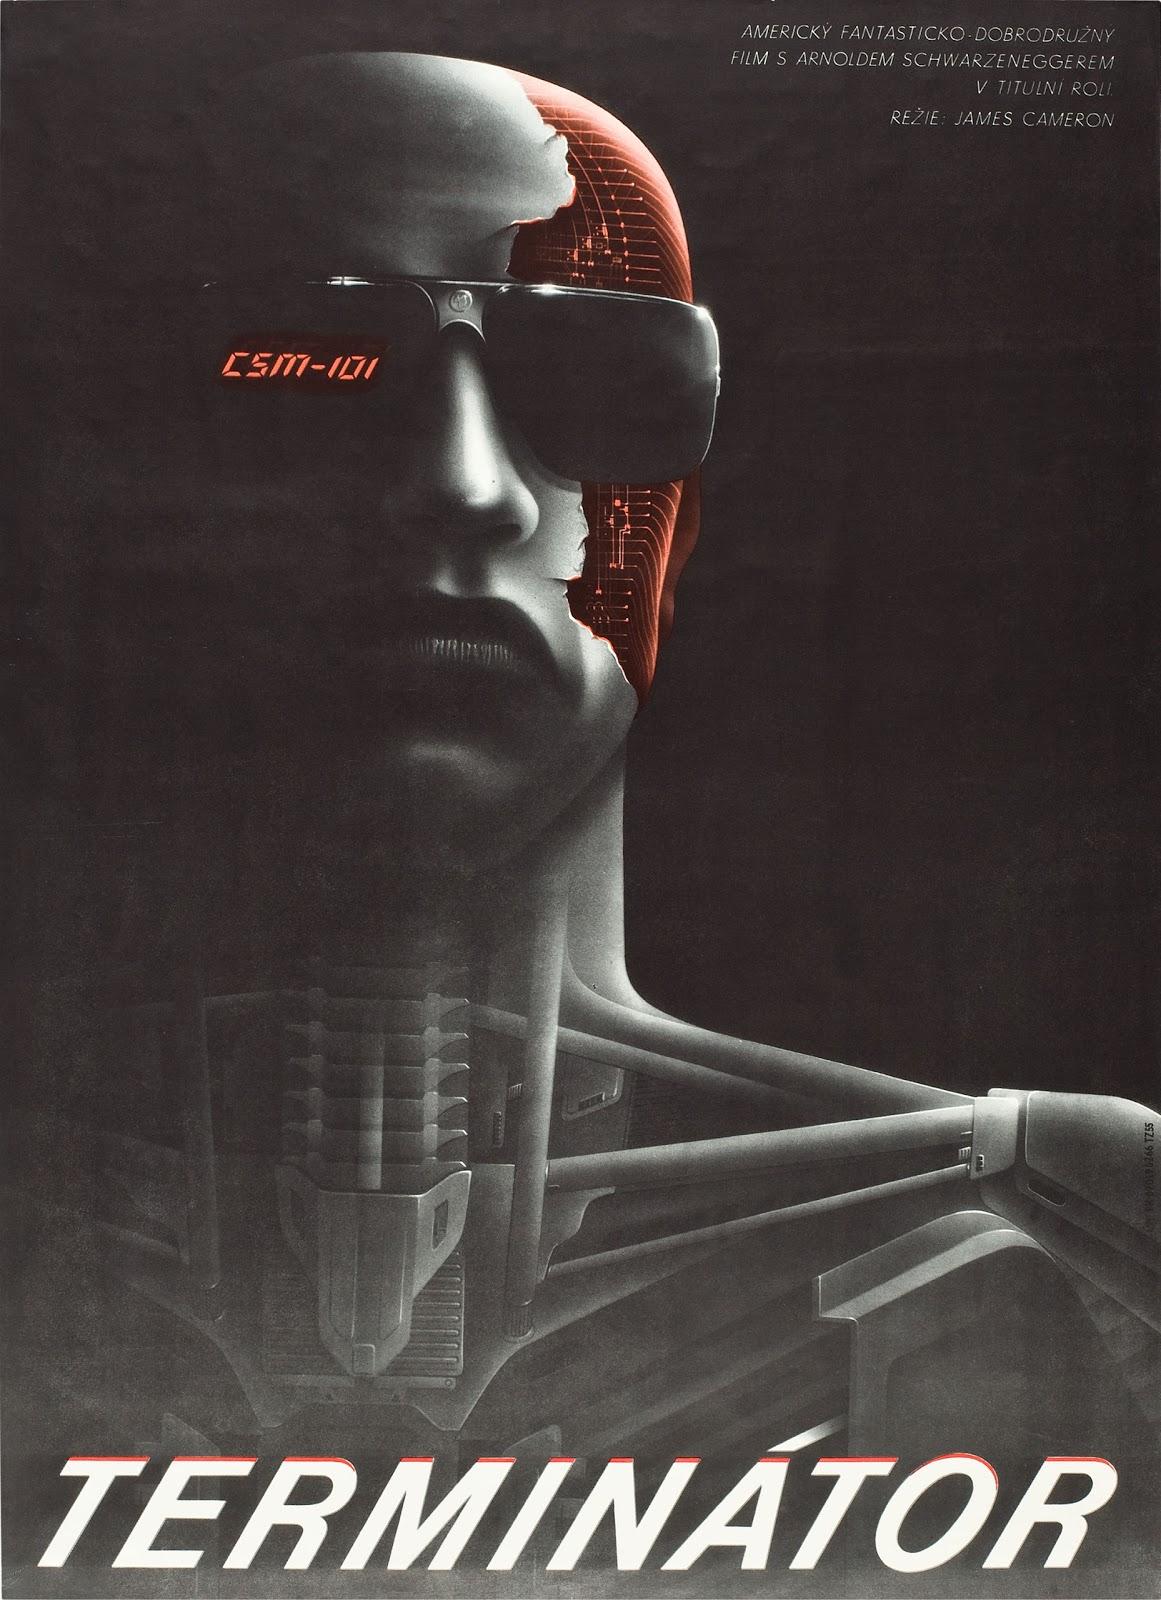 http://1.bp.blogspot.com/-drcEFKyTXfc/T-Svd9RvEII/AAAAAAAACQk/cD3USgvCK-M/s1600/terminator.jpg